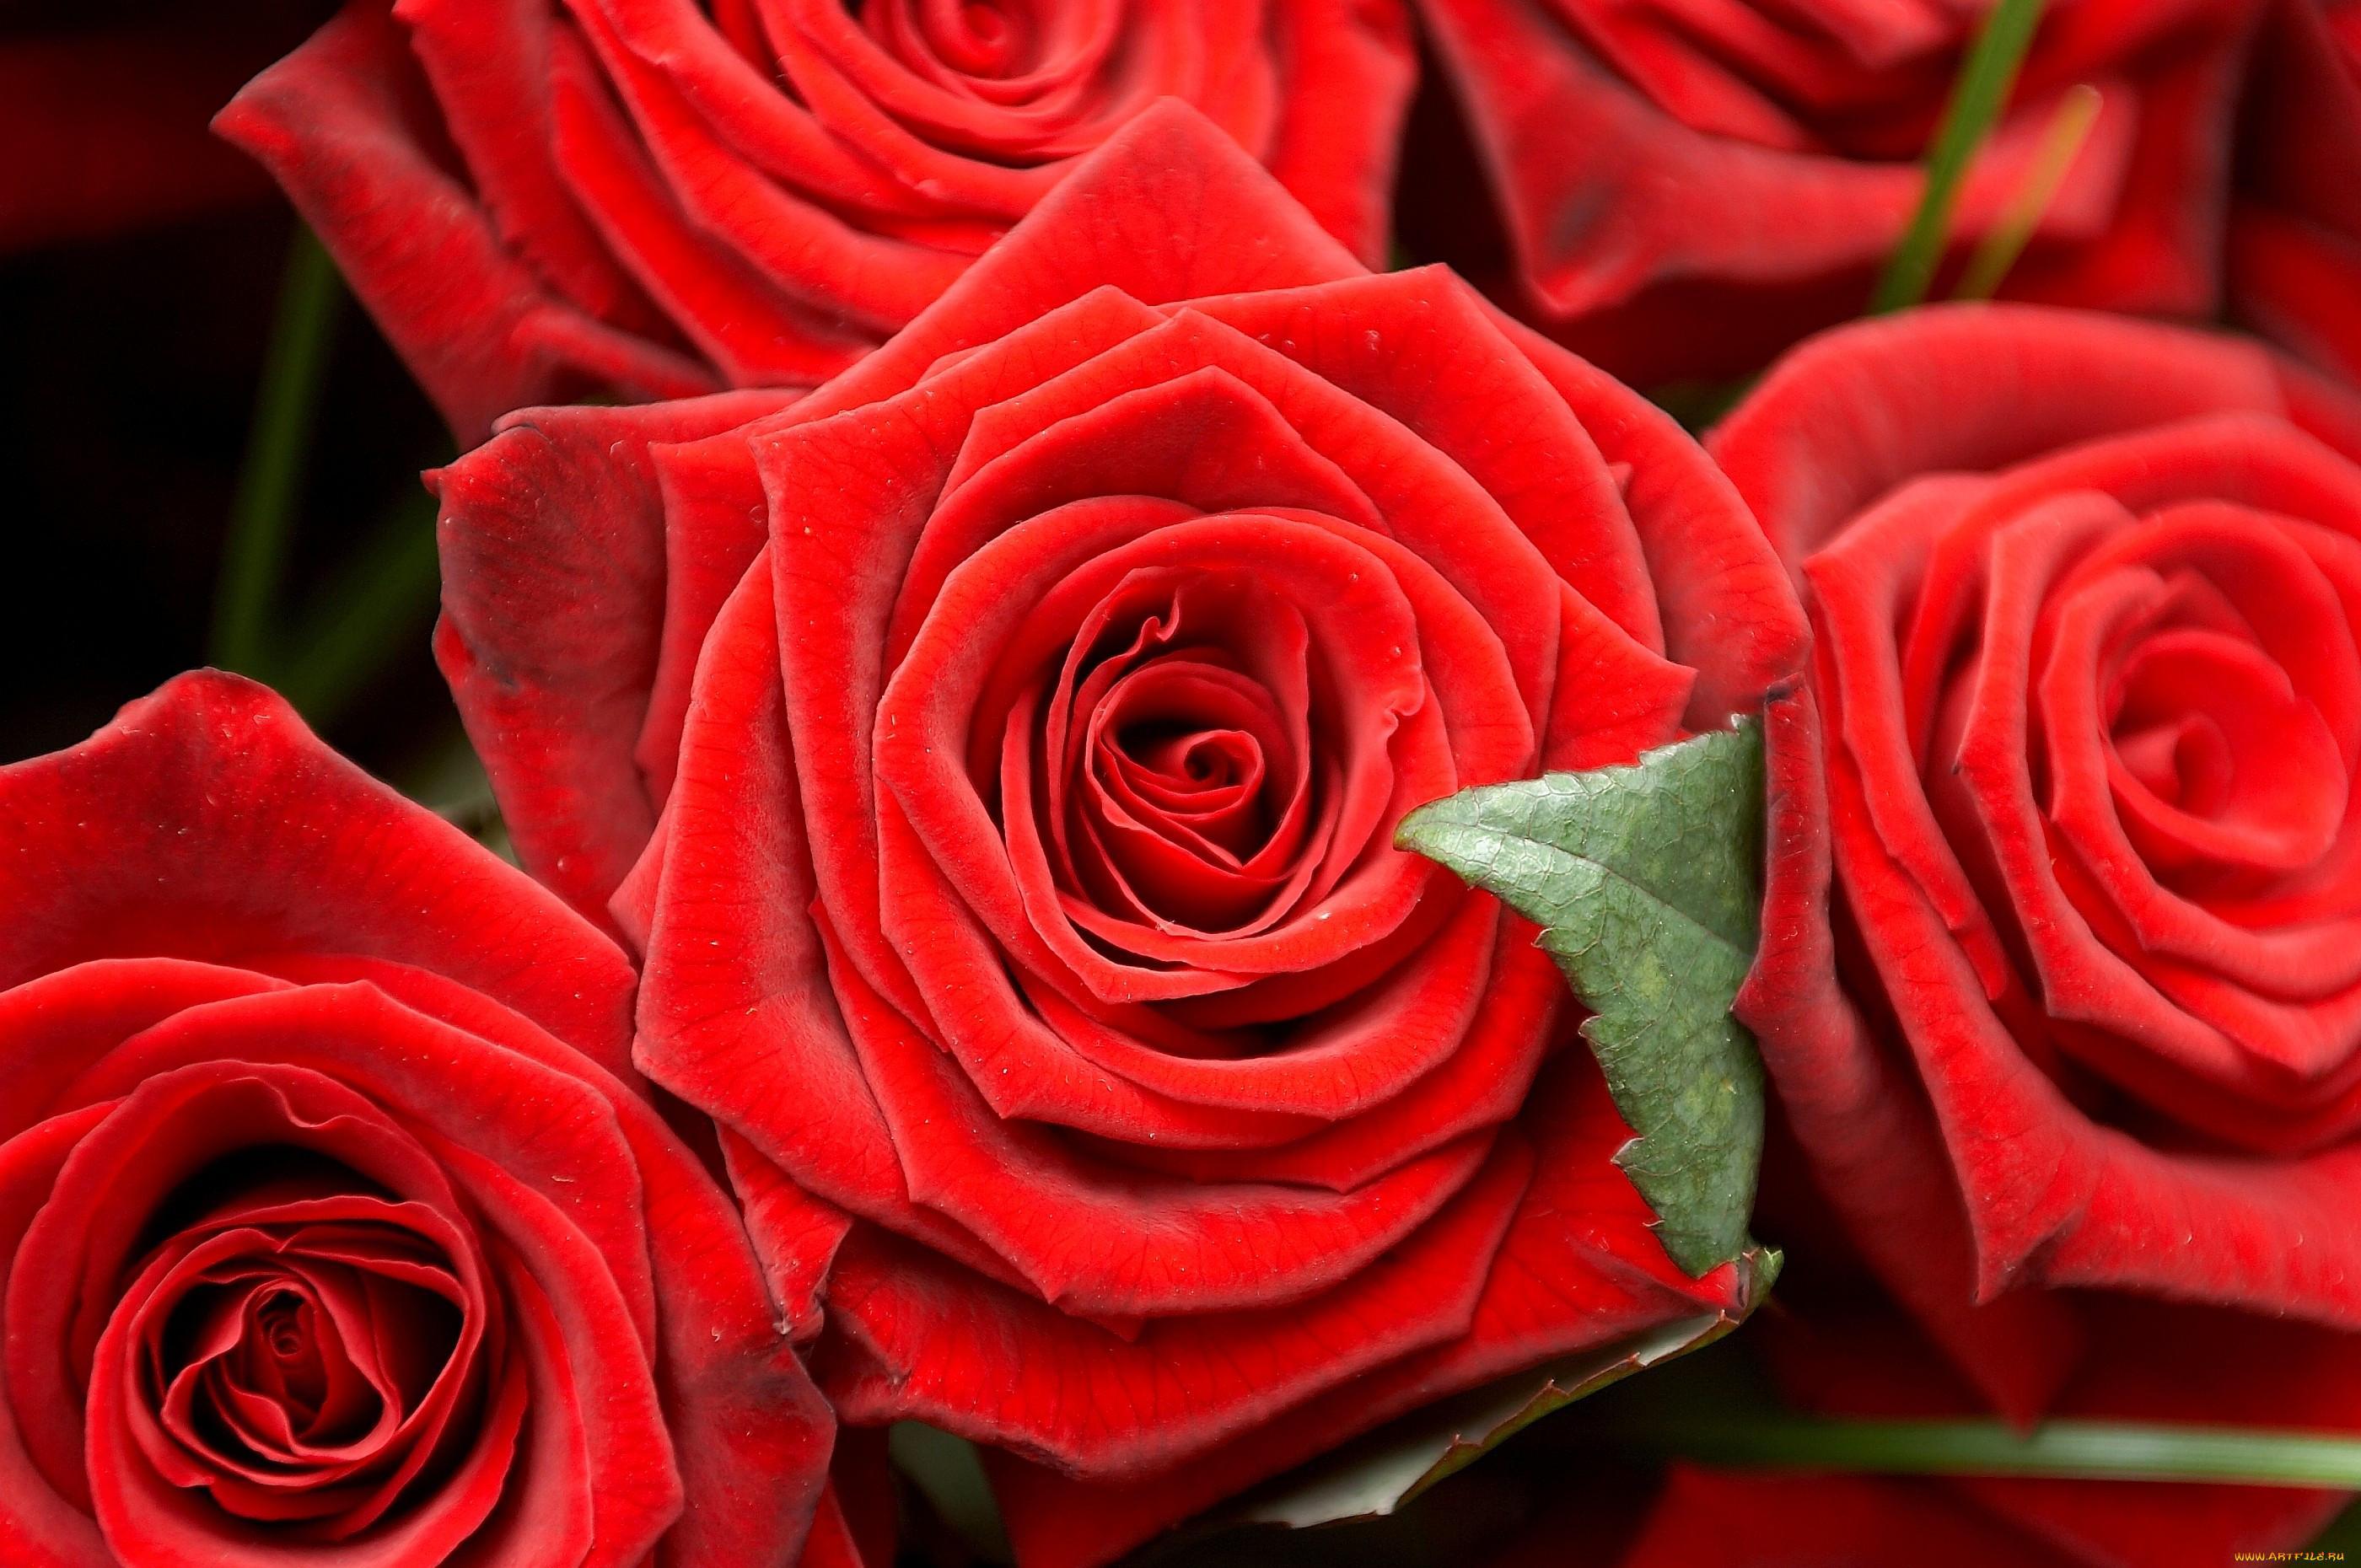 устроиться фото розы крупным планом в хорошем качестве последнюю роль этом